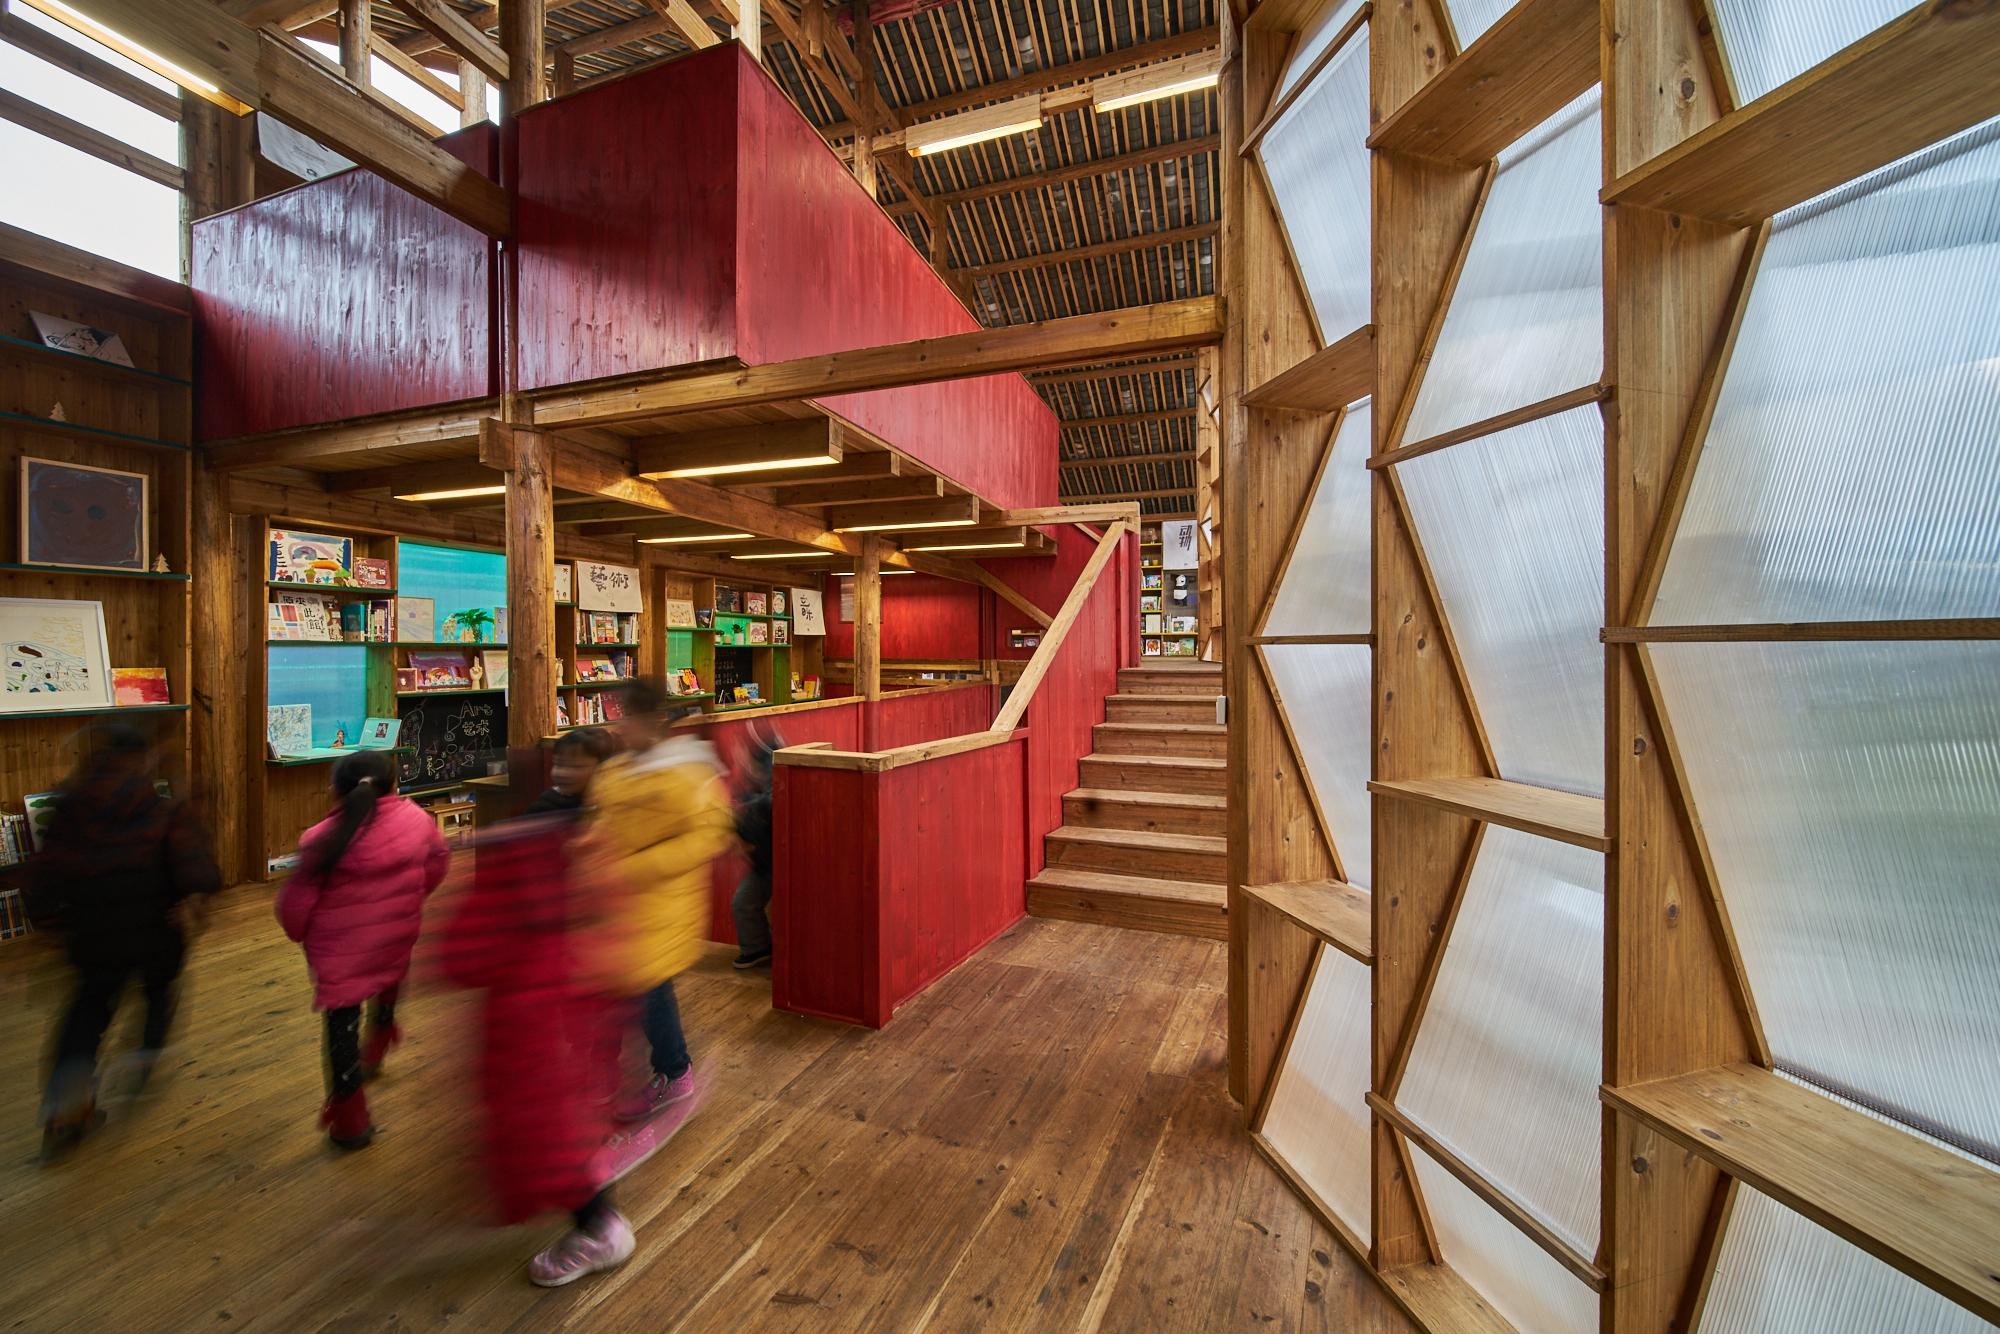 侗族人喜歡在樓梯聚集和玩耍,因此中央樓梯成為書屋設計的重點。